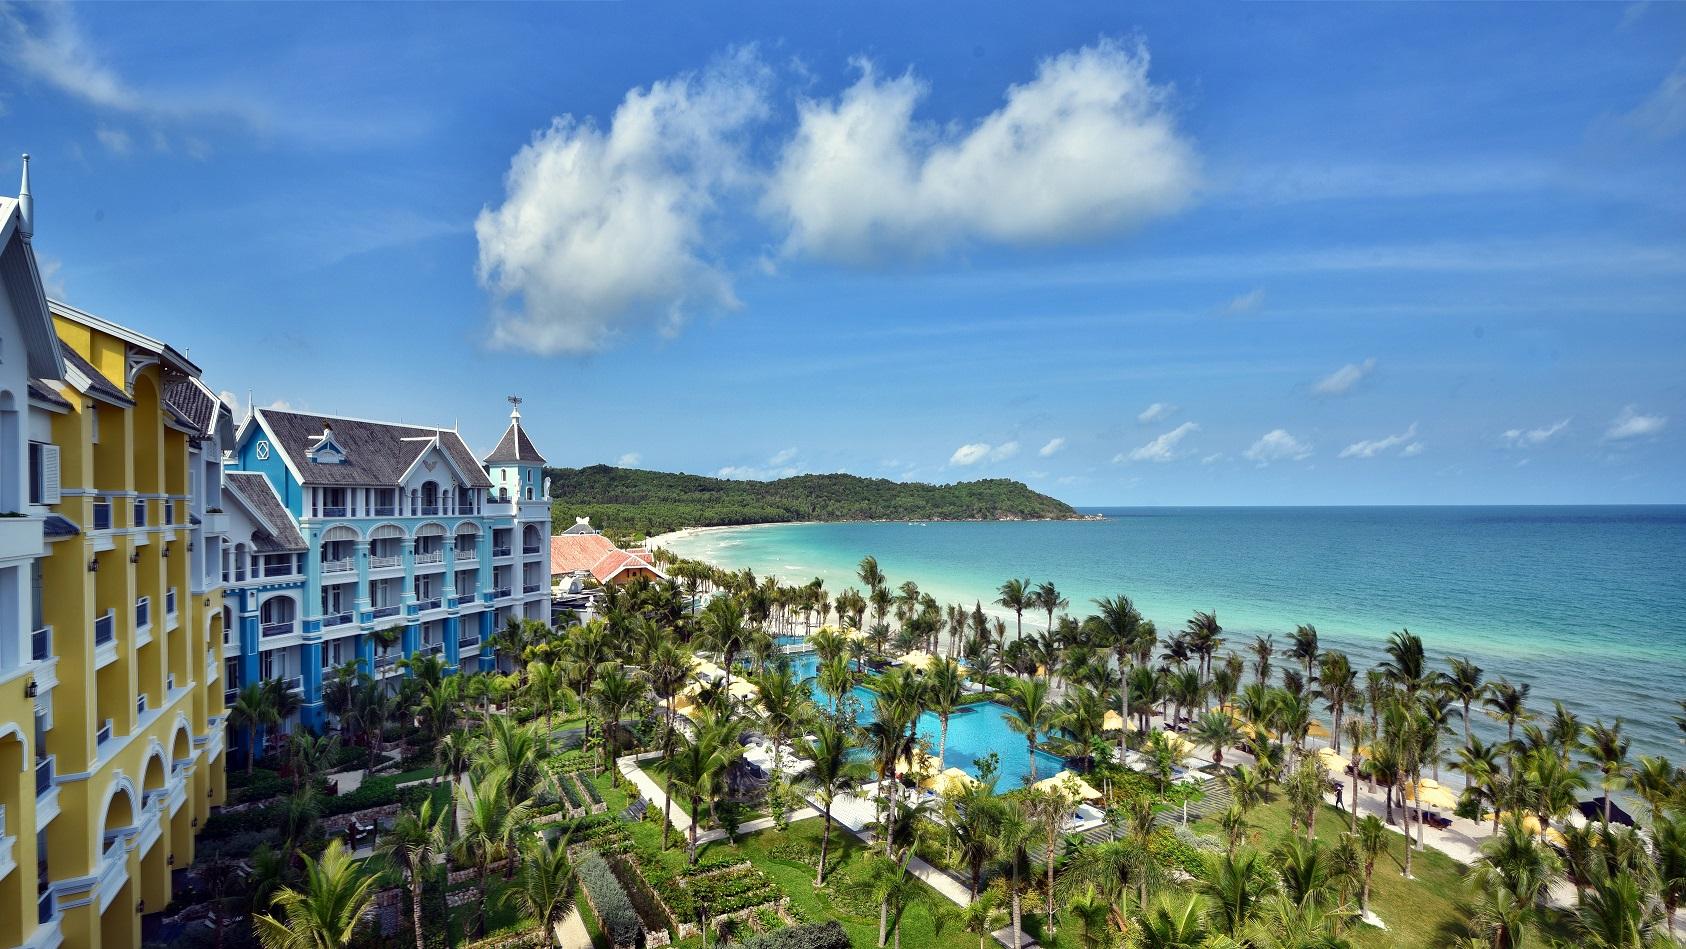 Lễ trao giải Oscar của ngành du lịch thế giới 2017 sẽ diễn ra tại JW Marriott Phu Quoc Emerald Bay